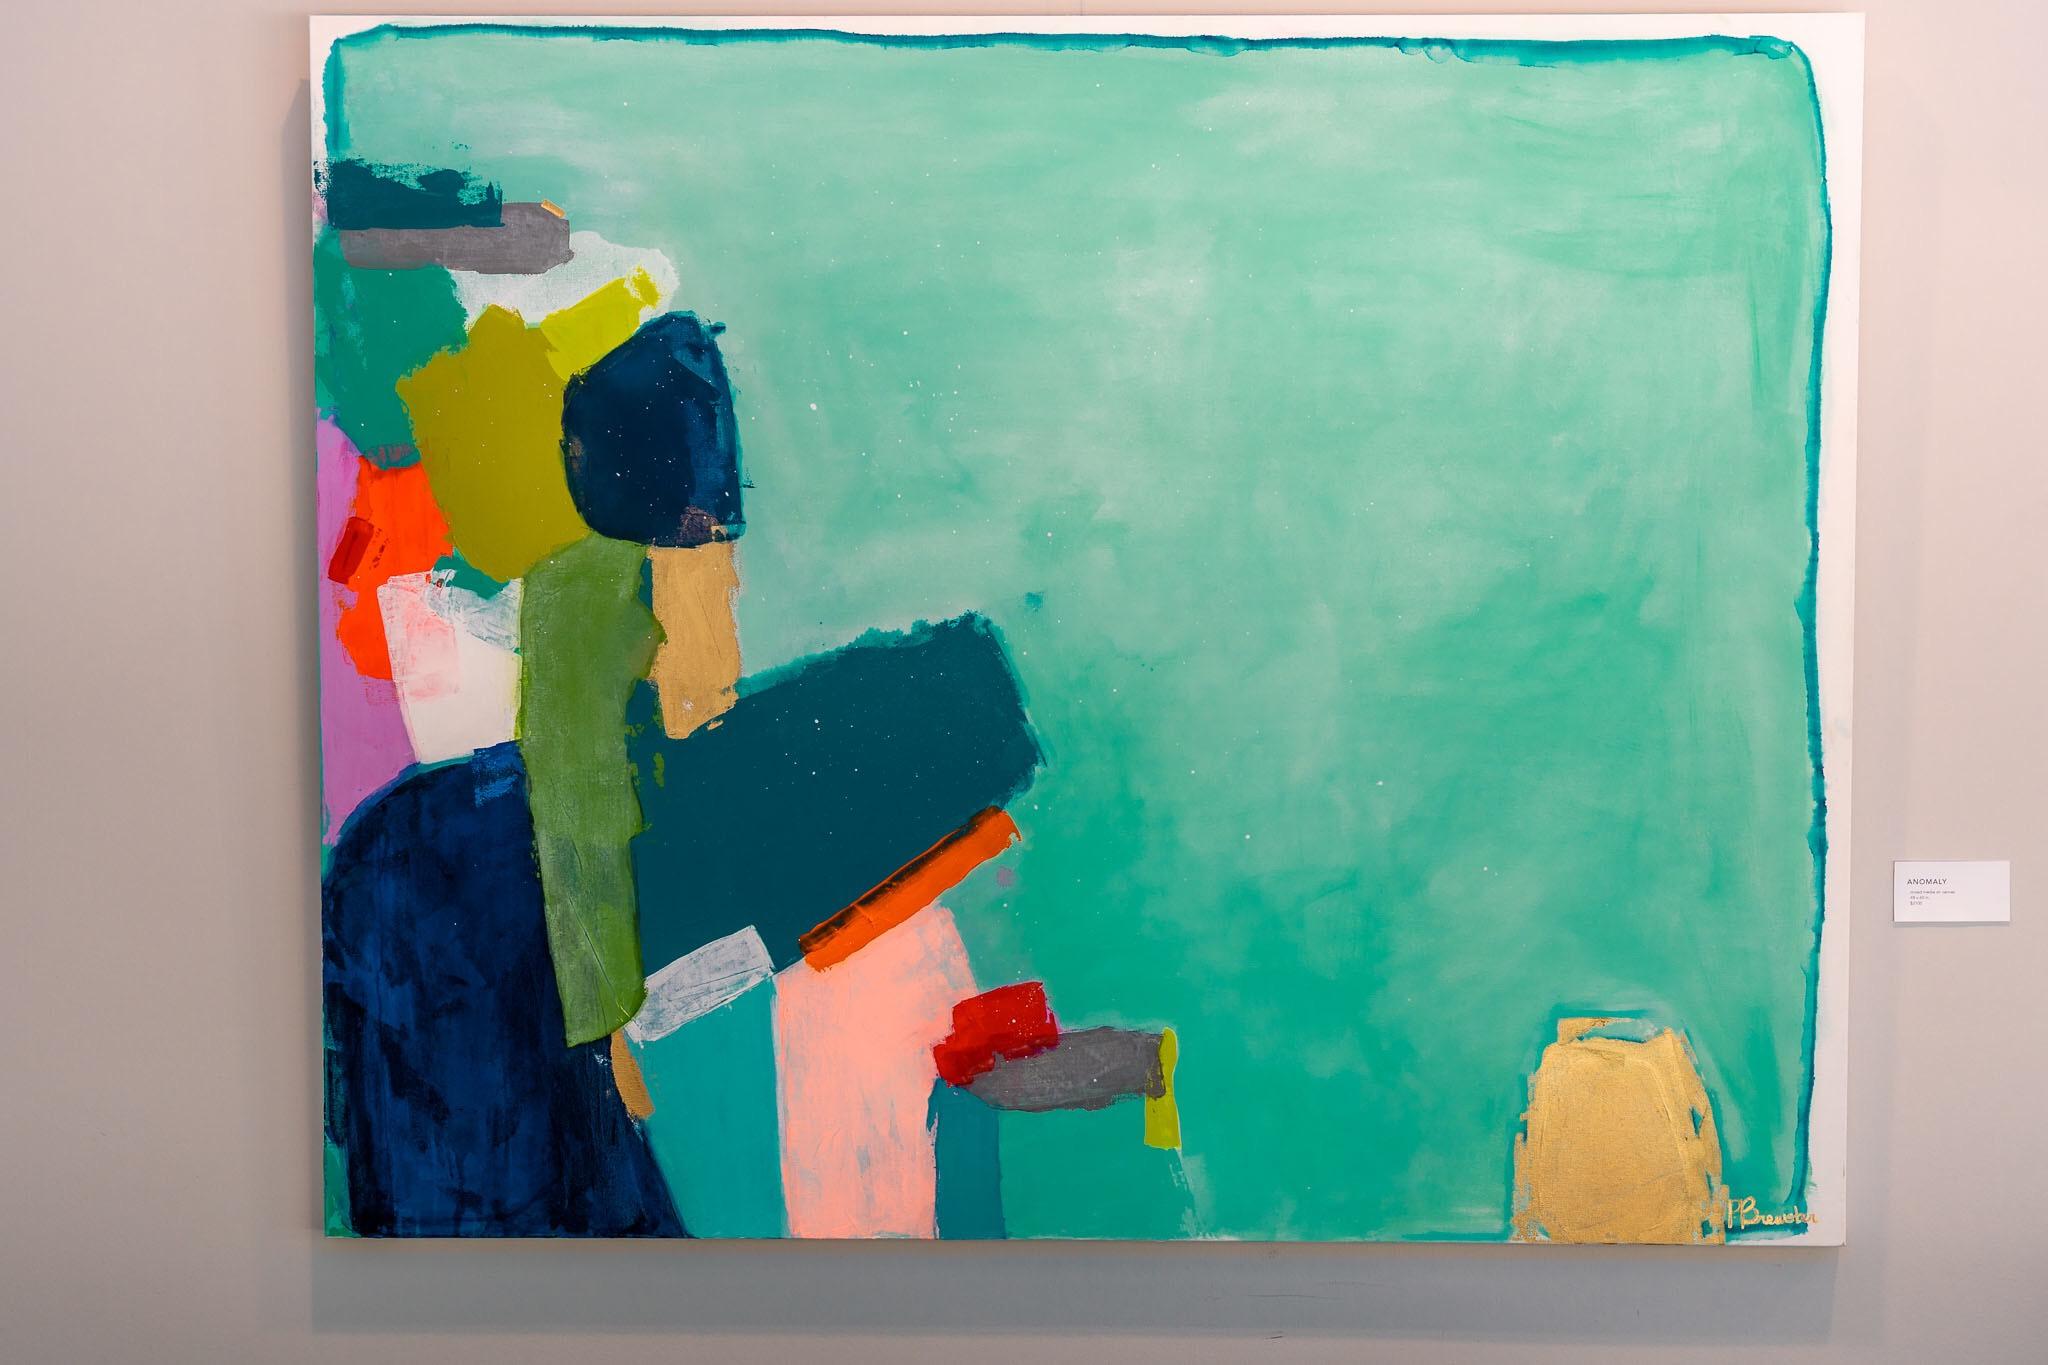 ANOMALY mixed media on canvas